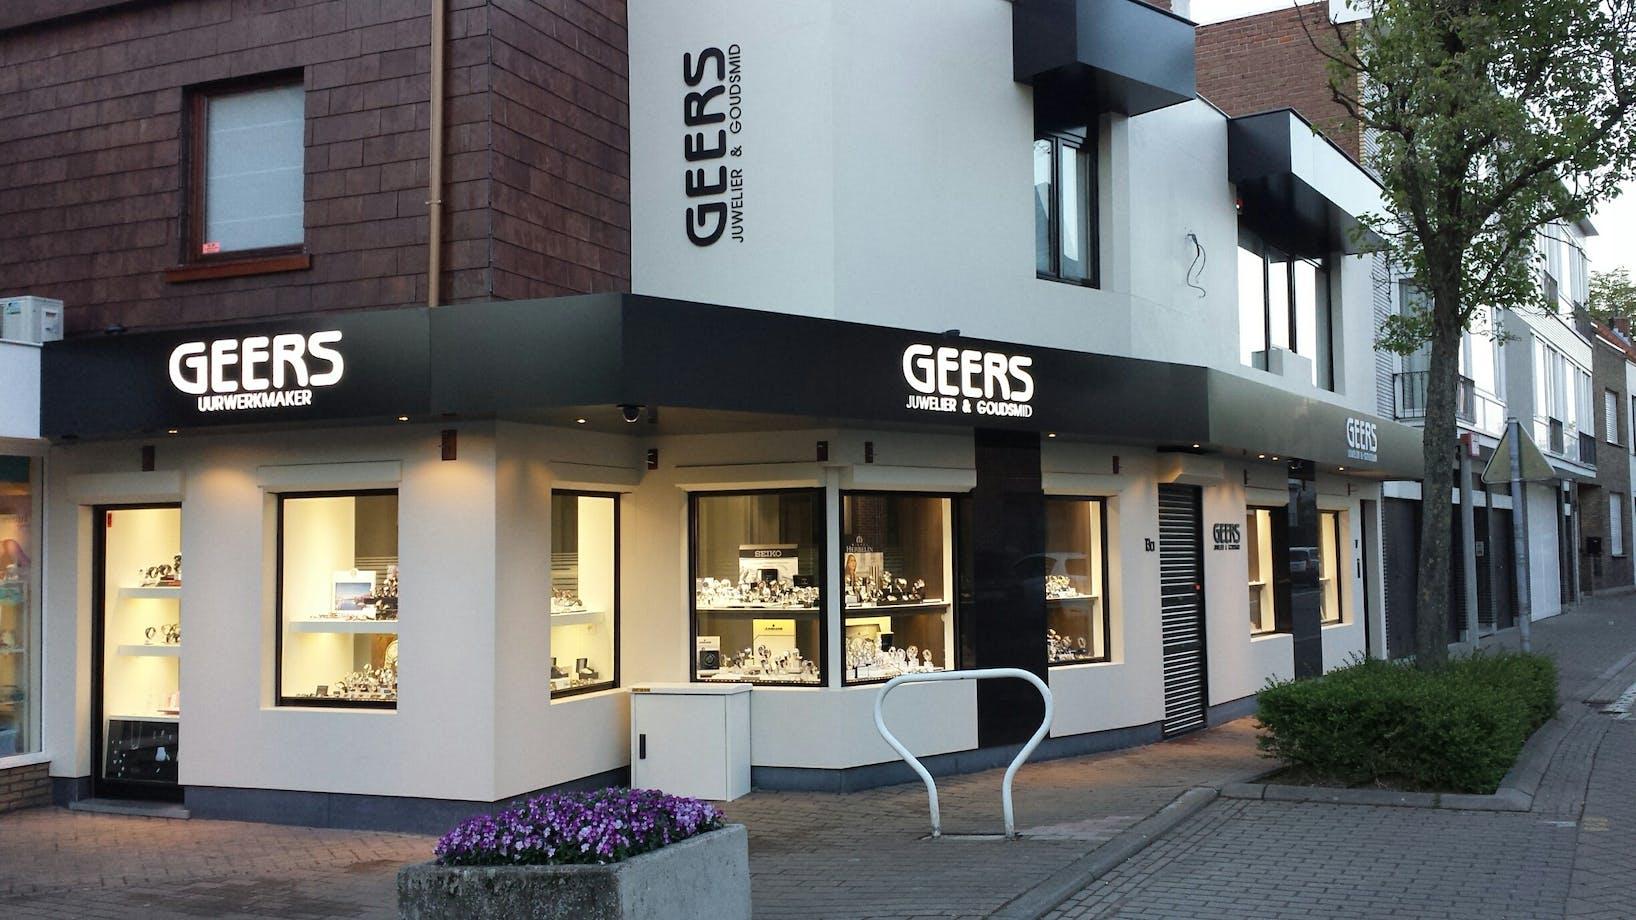 Juwelier Geers